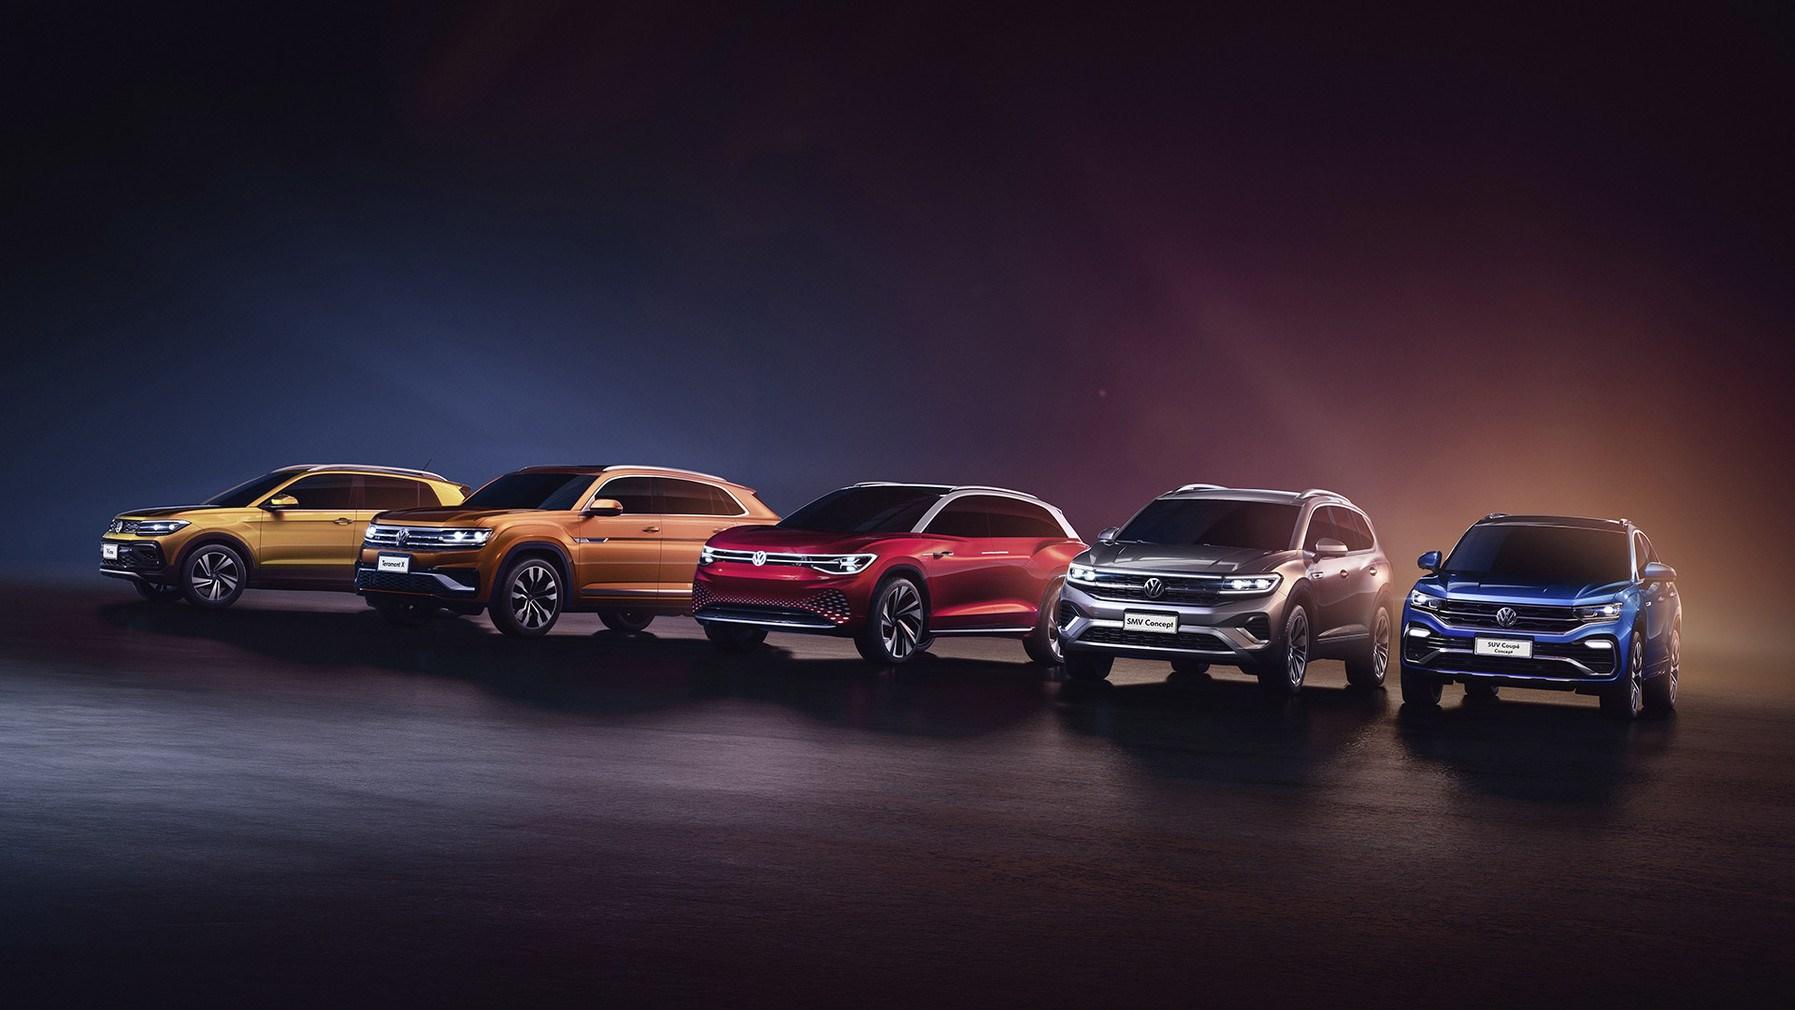 フォルクスワーゲンが上海モーターショーで発表した5台の新型SUVをまとめて紹介